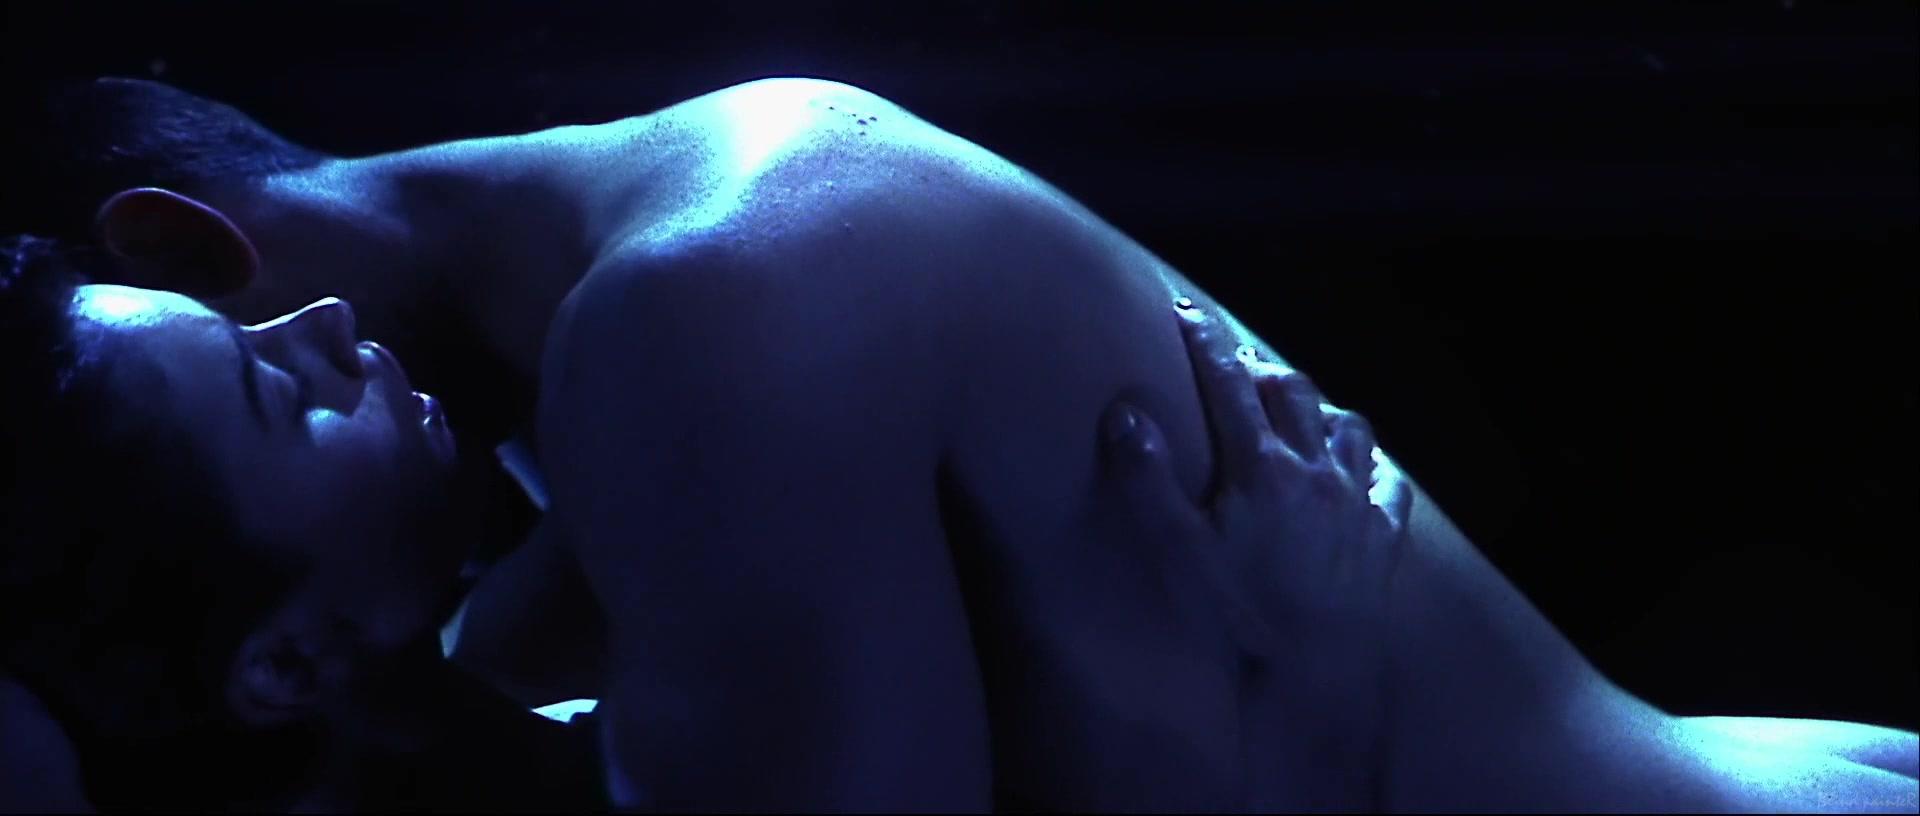 Porn pics galleries